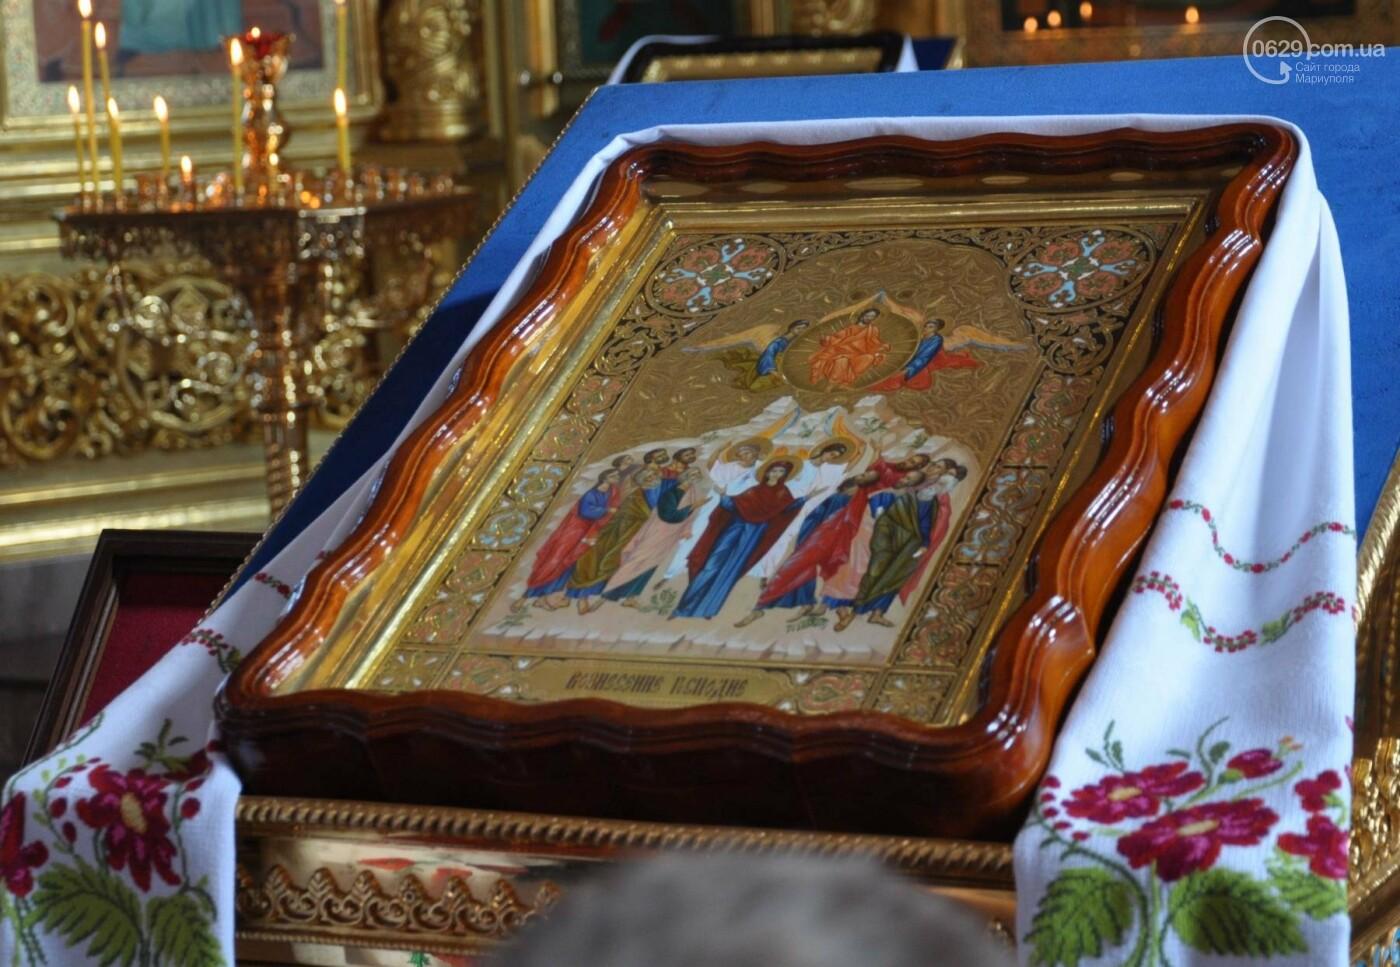 Праздник Вознесения и День вышиванки объединили прихожан в Свято-Покровском храме с.Боевое, фото-16